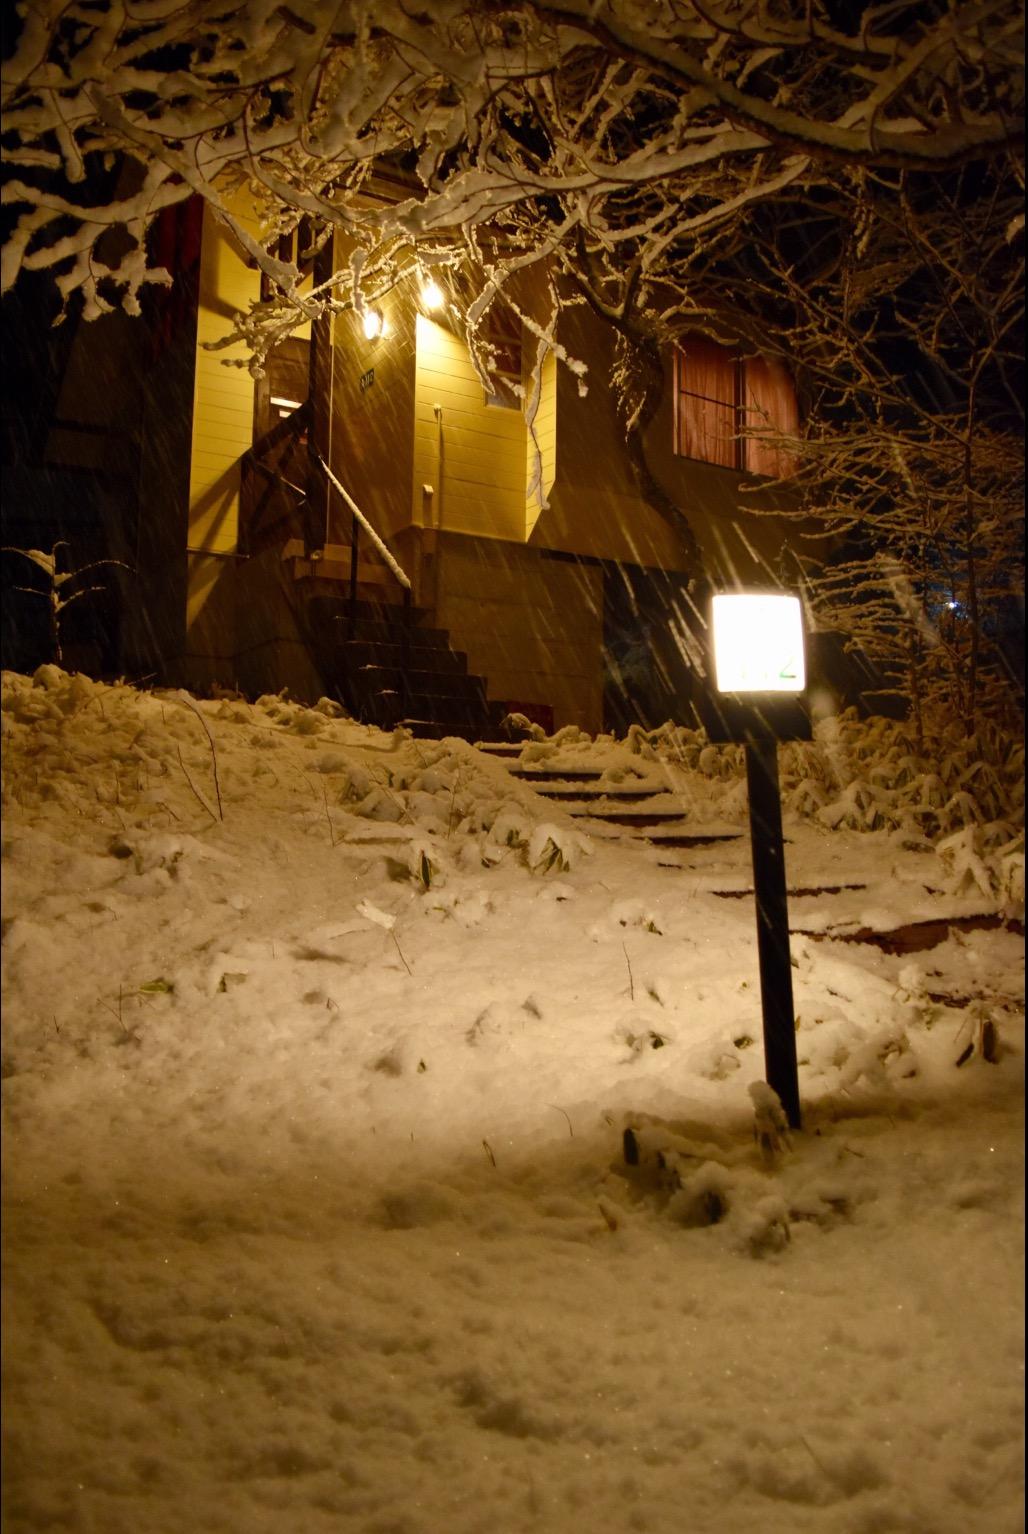 サイレンスの深まりとともに降り始めた雪。